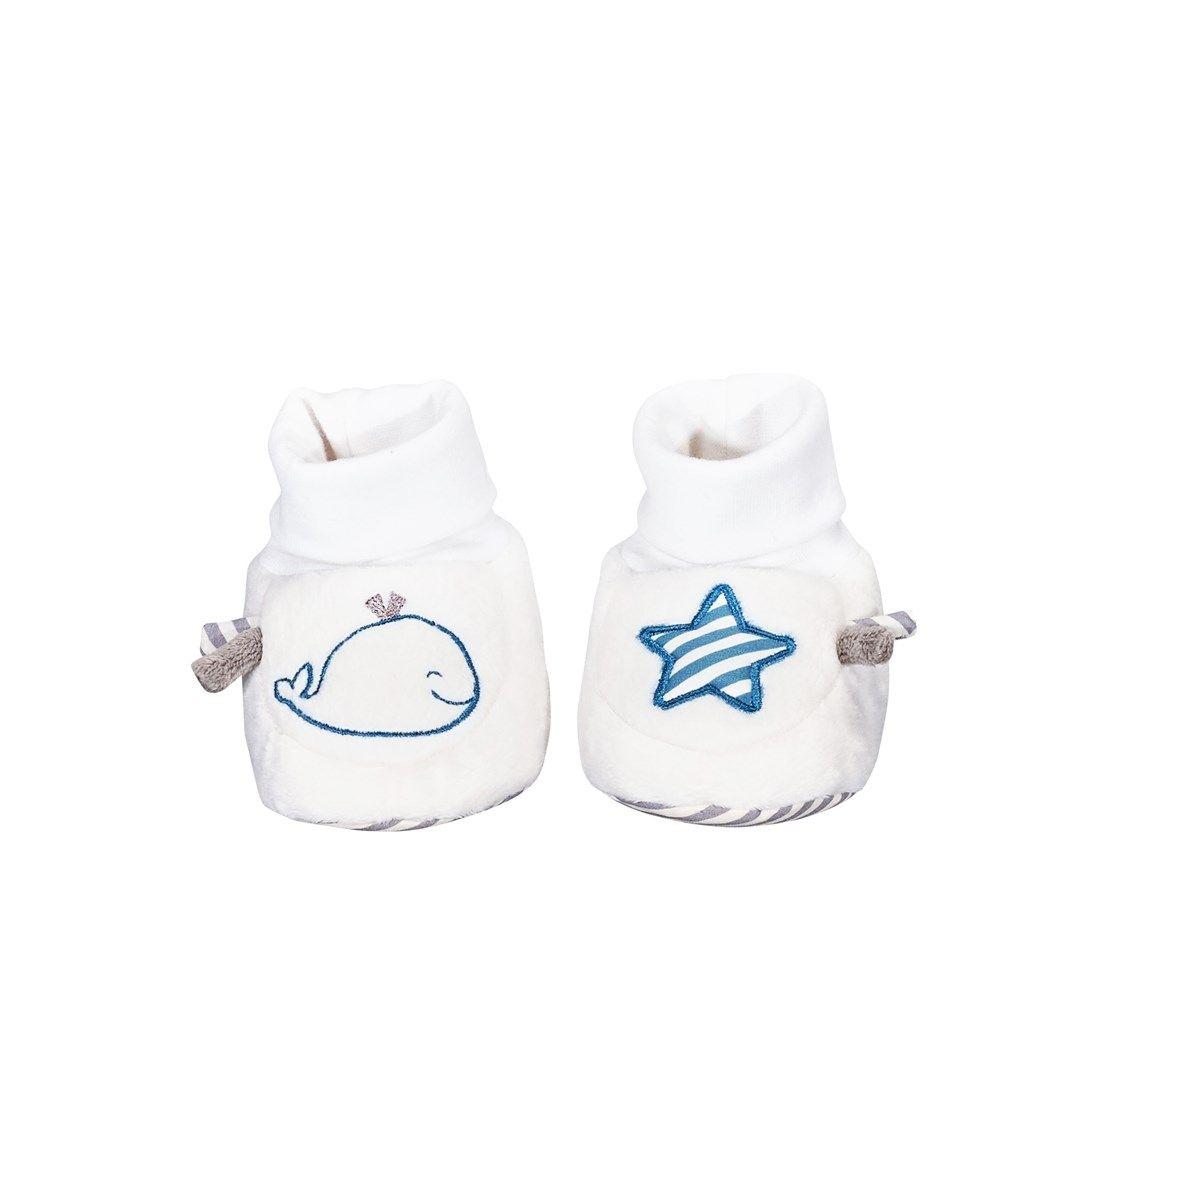 Chaussons bébé 0-6 mois Baleine